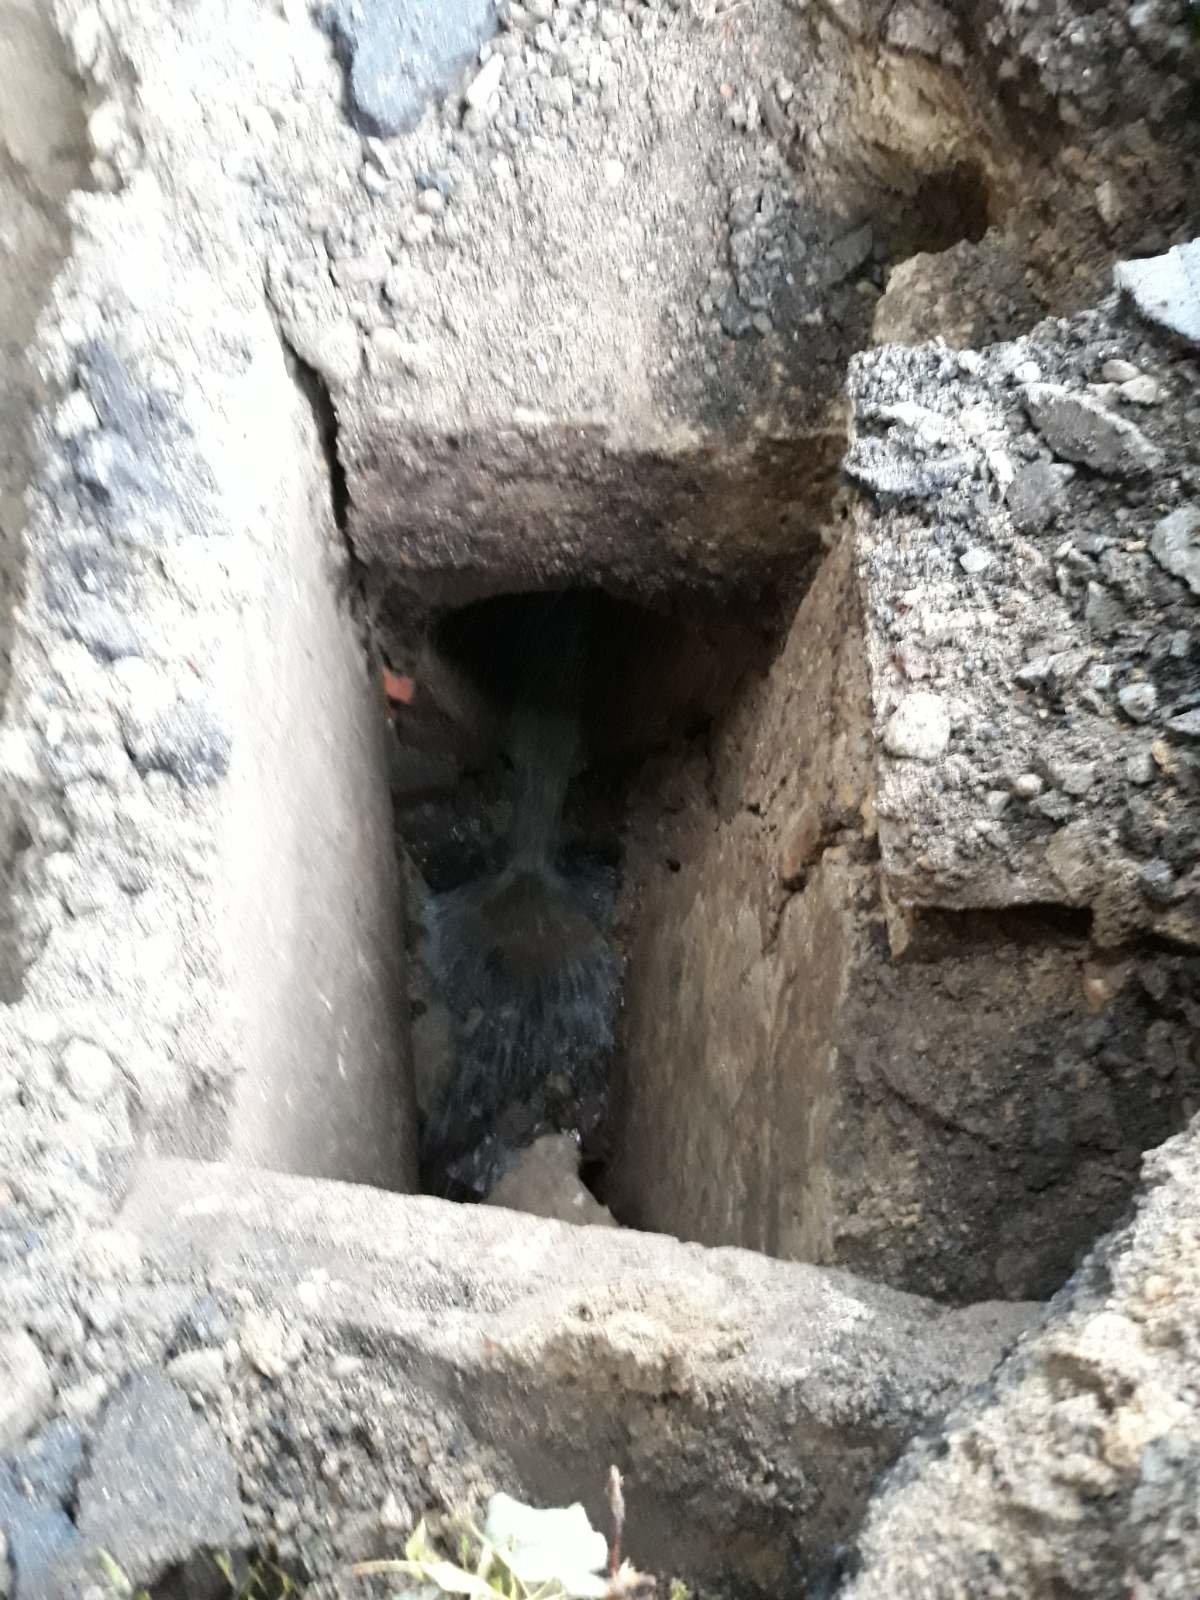 У Дрогобичі віднайшли каналізаційний колодязь-склепіння часів польського періоду, фото-1, фото - Дрогобицька міськрада